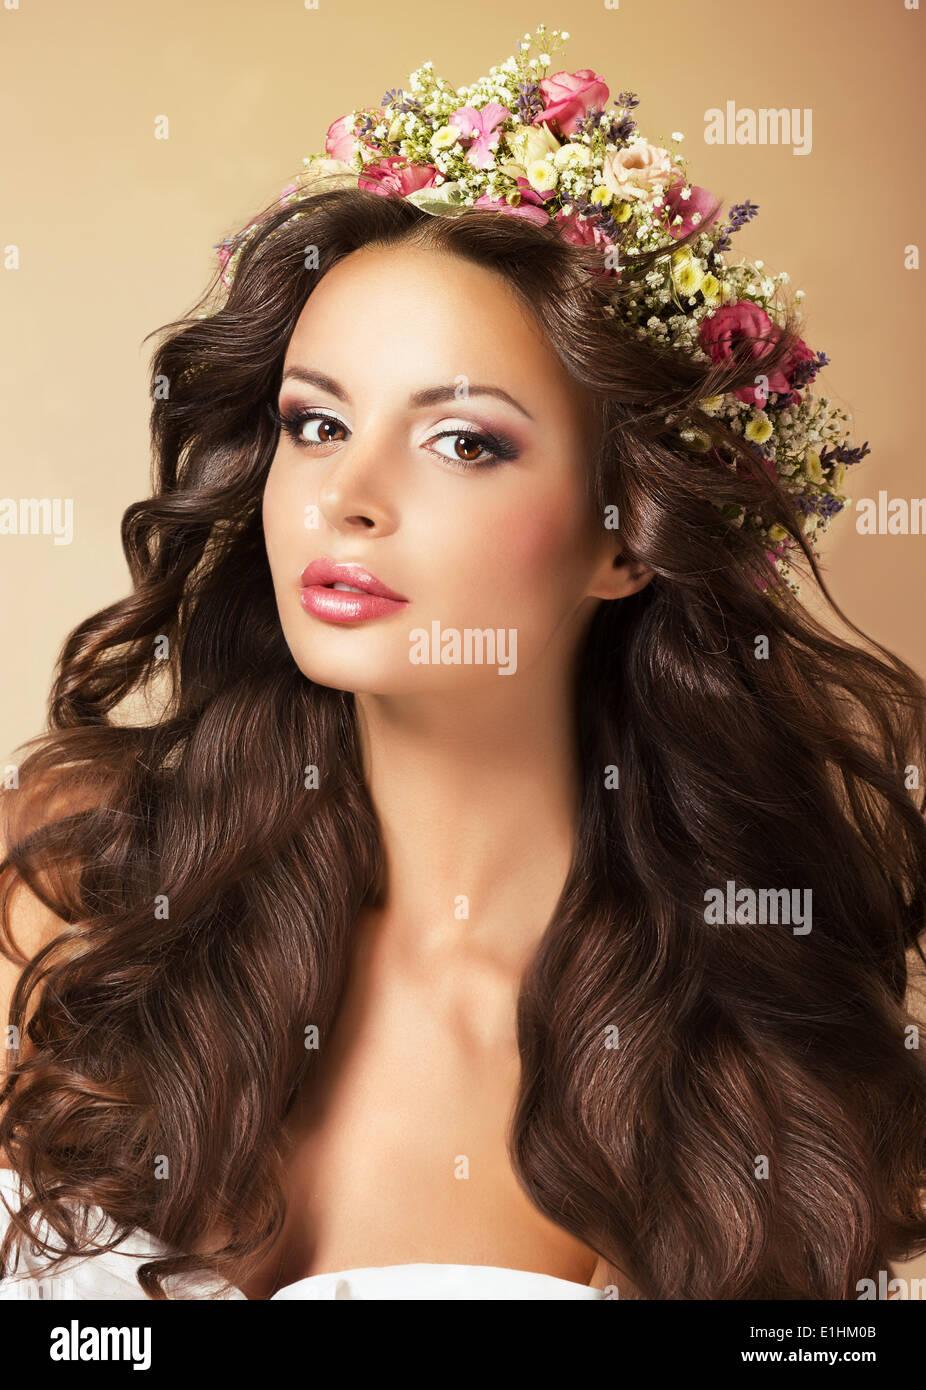 Stilvollen Mode-Modell mit perfekten seidig braune Haare und Kranz aus Blumen Stockbild